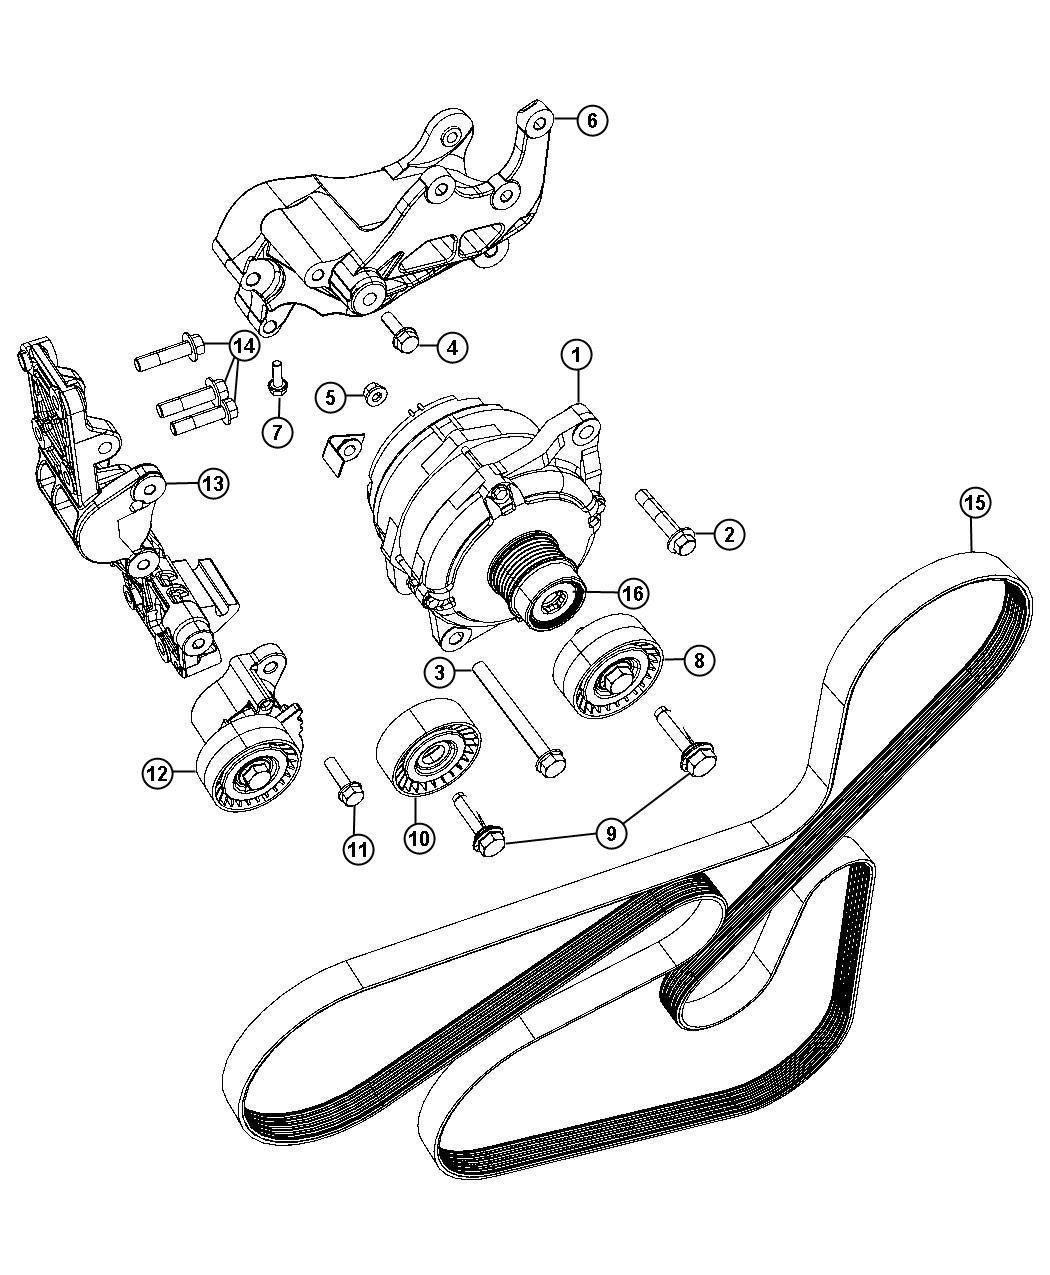 2012 Chrysler 200 LX 2.4L I4 Belt. Accessory drive